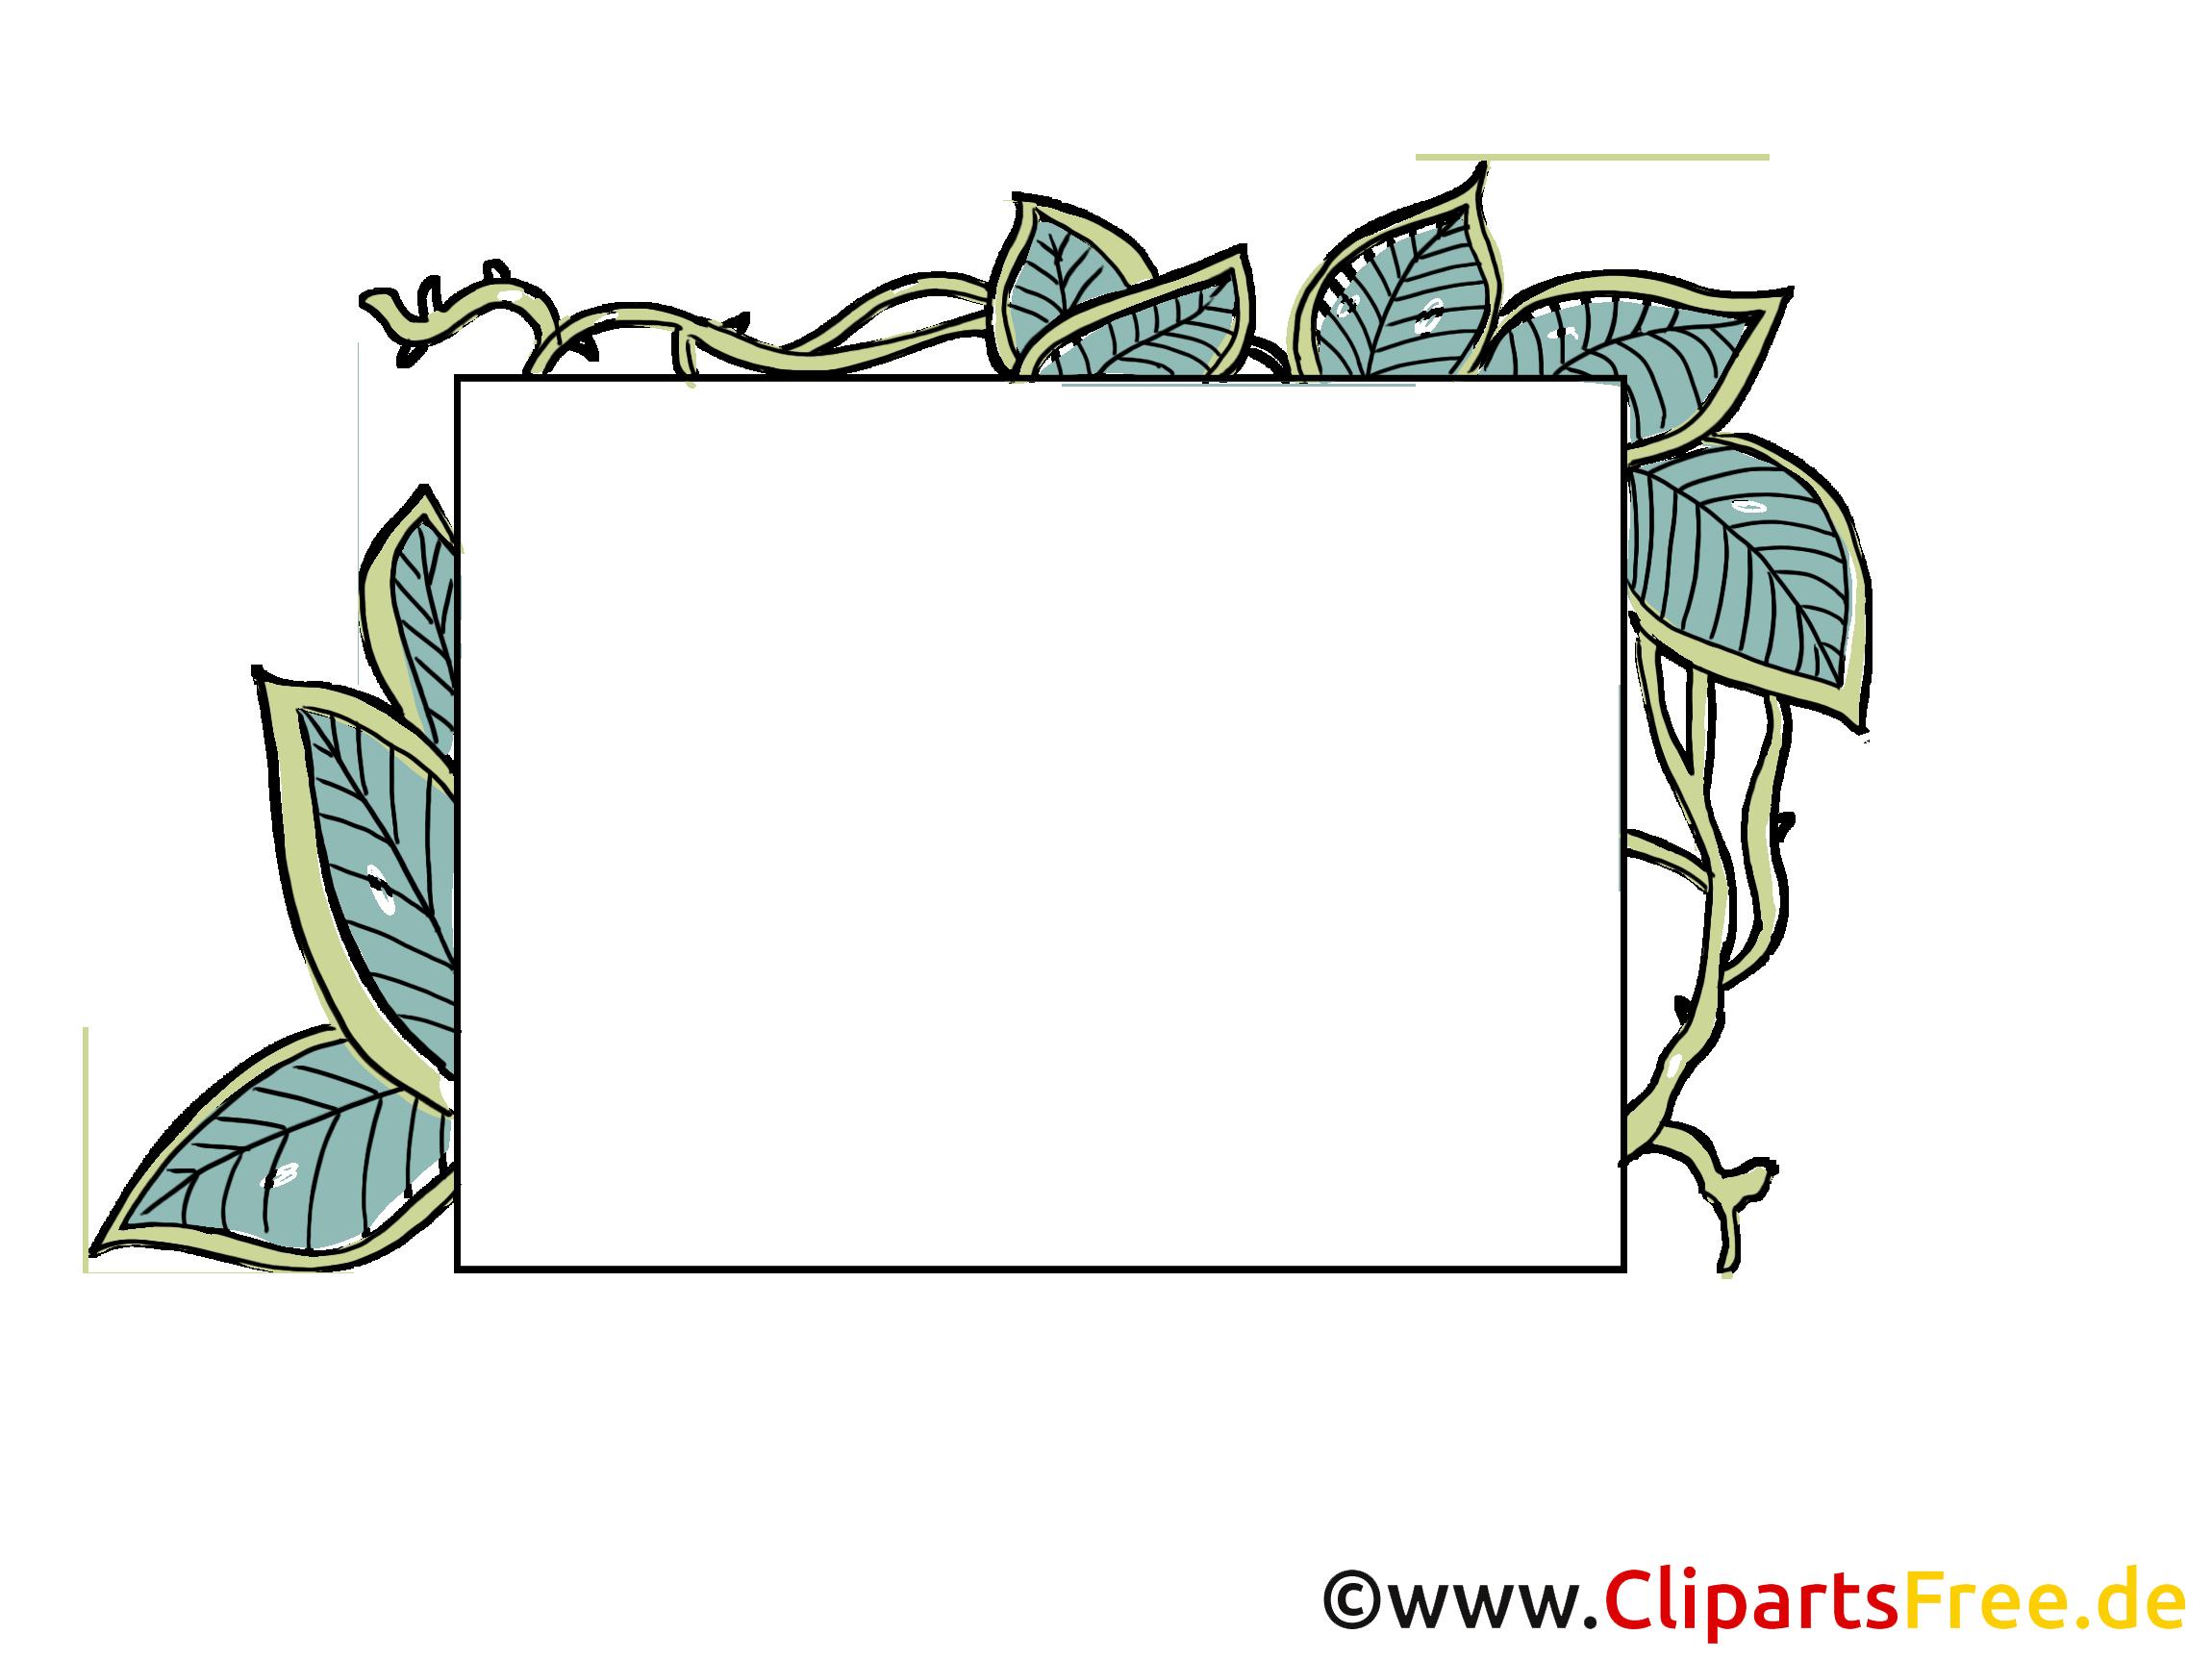 Clipart gratuit rectangle – Cadre images